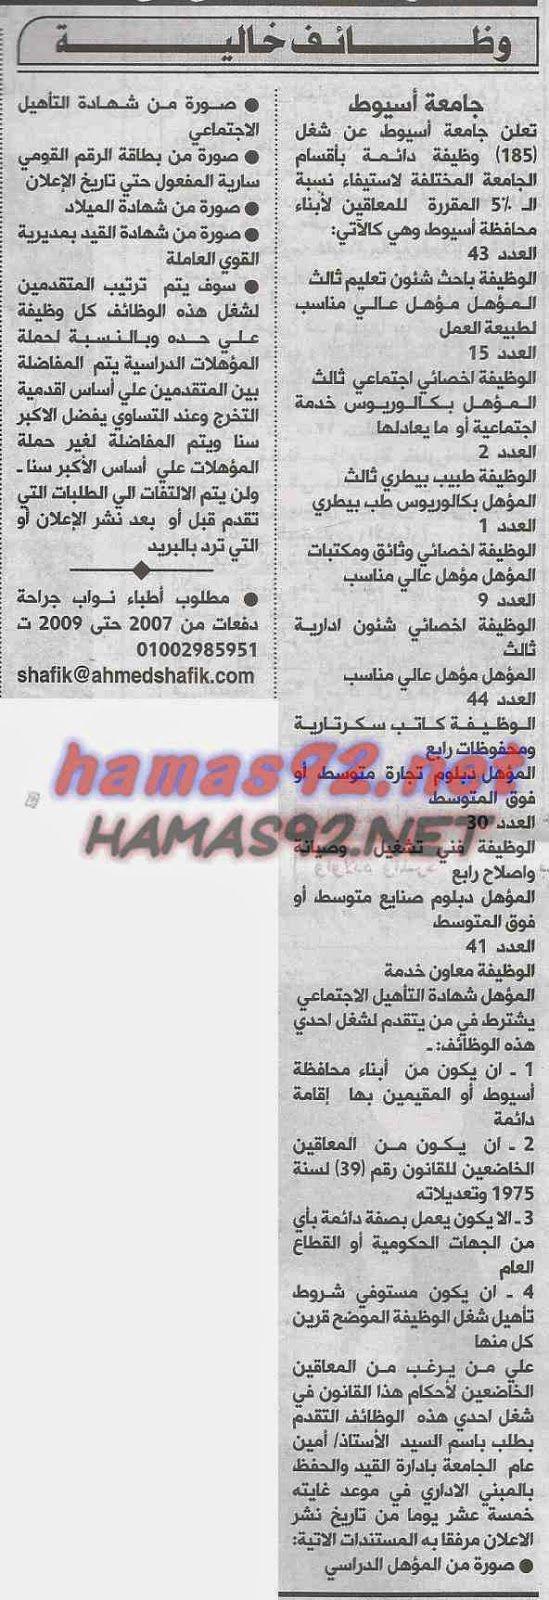 وظائف خالية مصرية وعربية: وظائف خالية من جريدة الاهرام السبت 28-06-2014